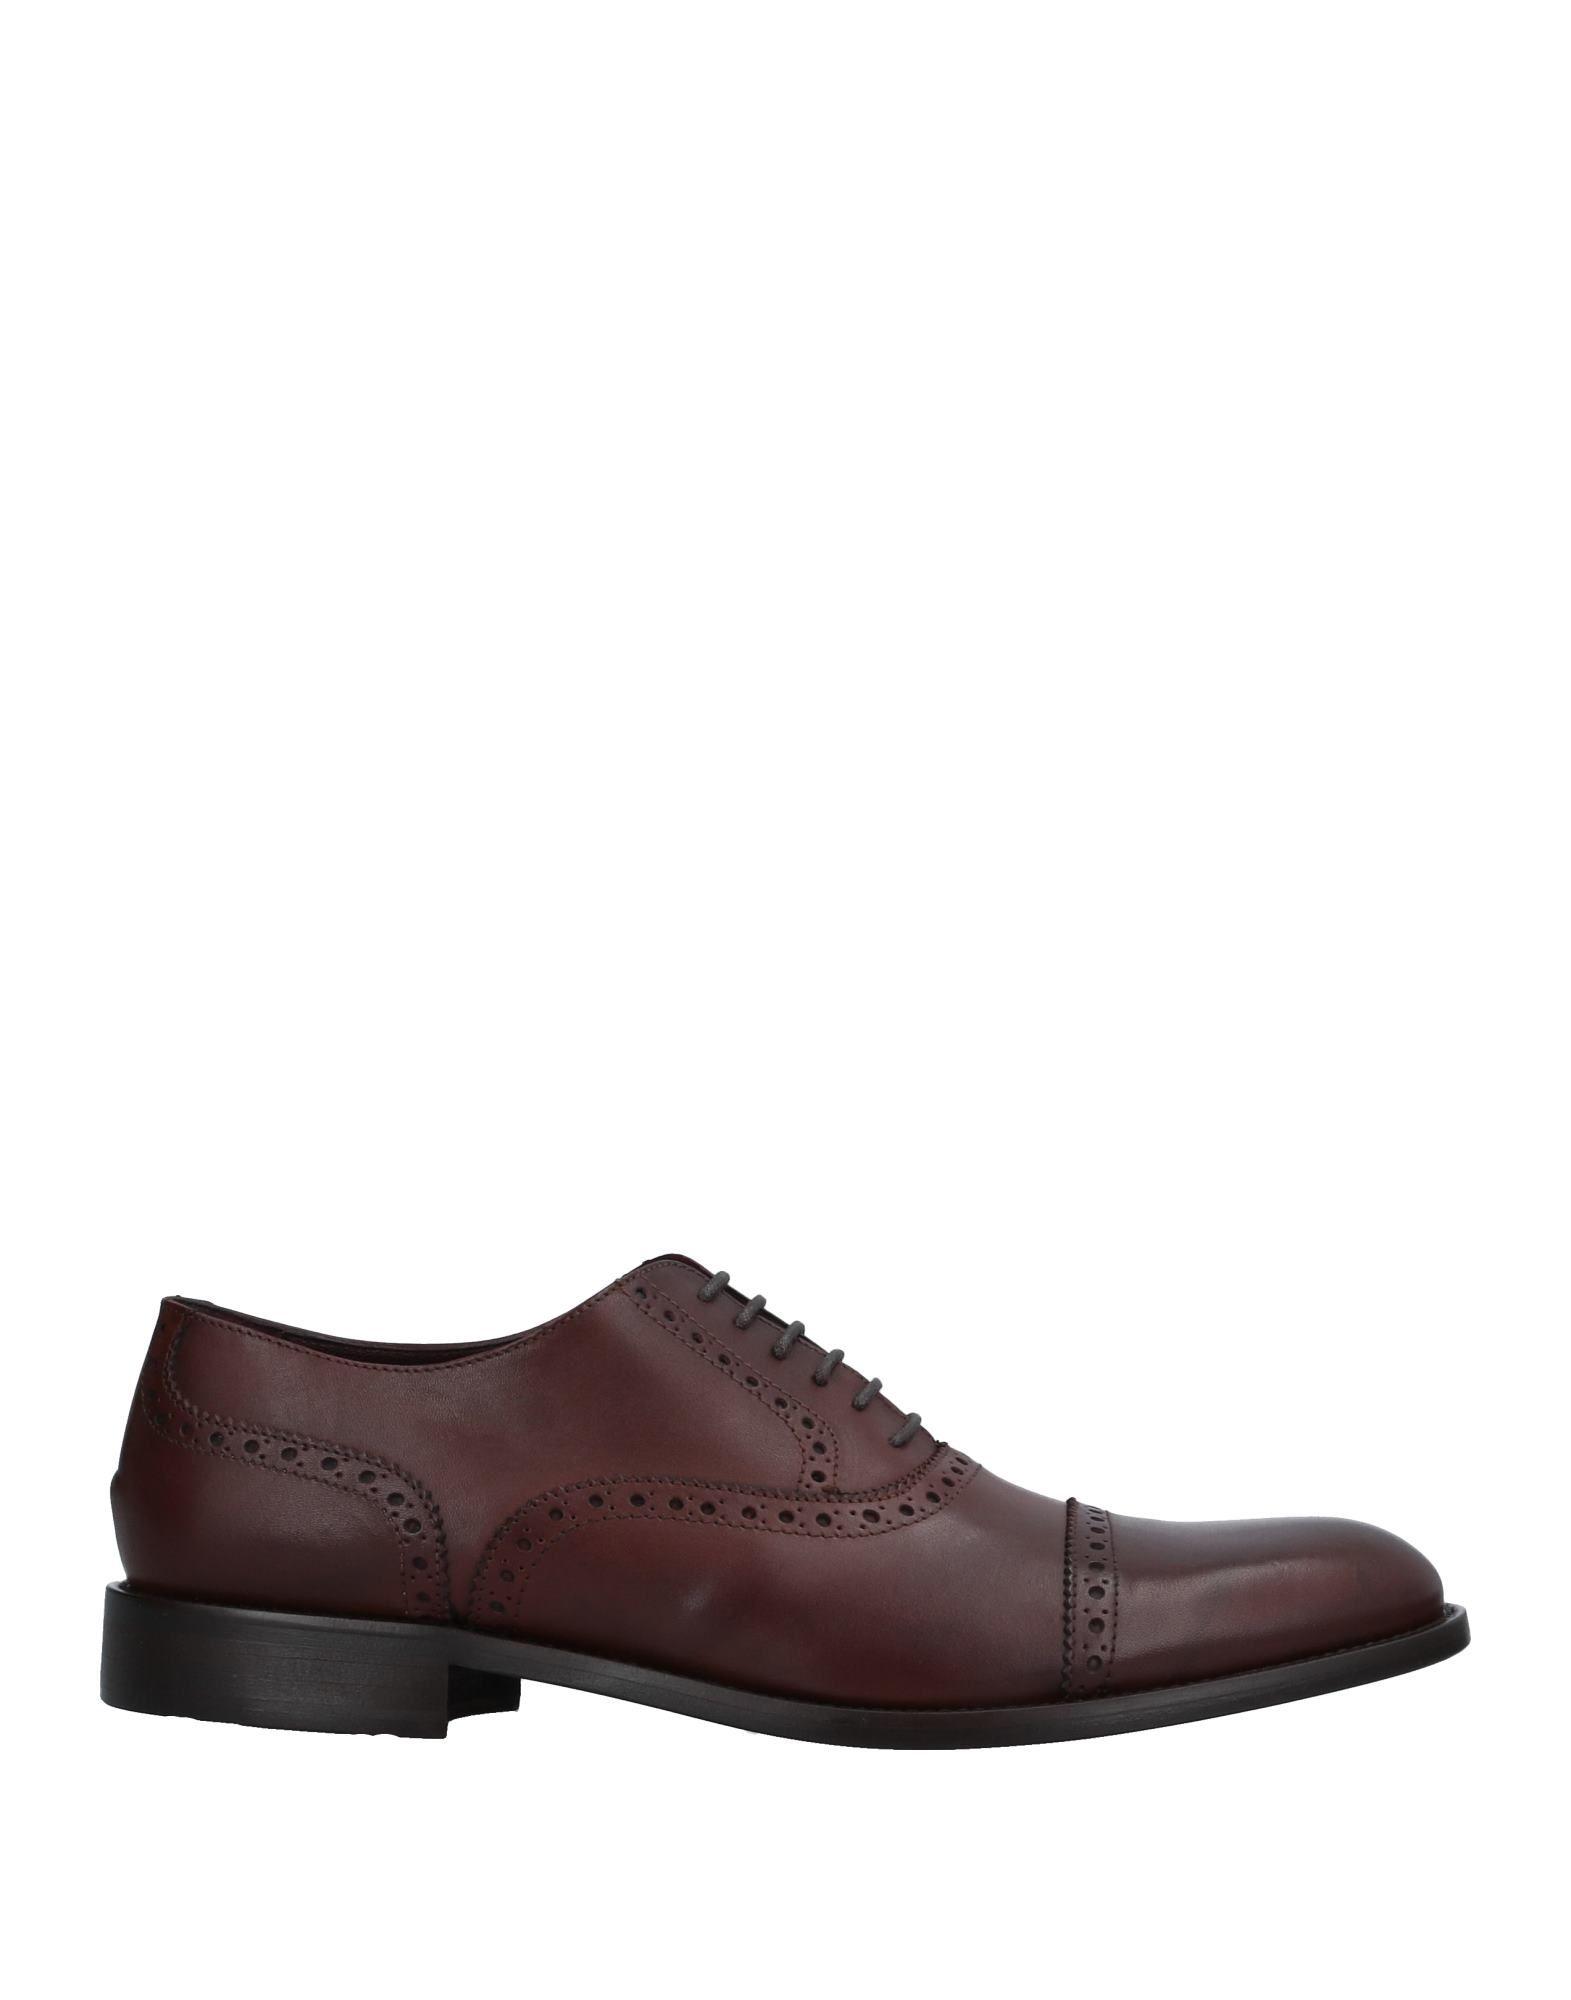 Фото - RICCARDO CARTILLONE Обувь на шнурках обувь на высокой платформе dkny